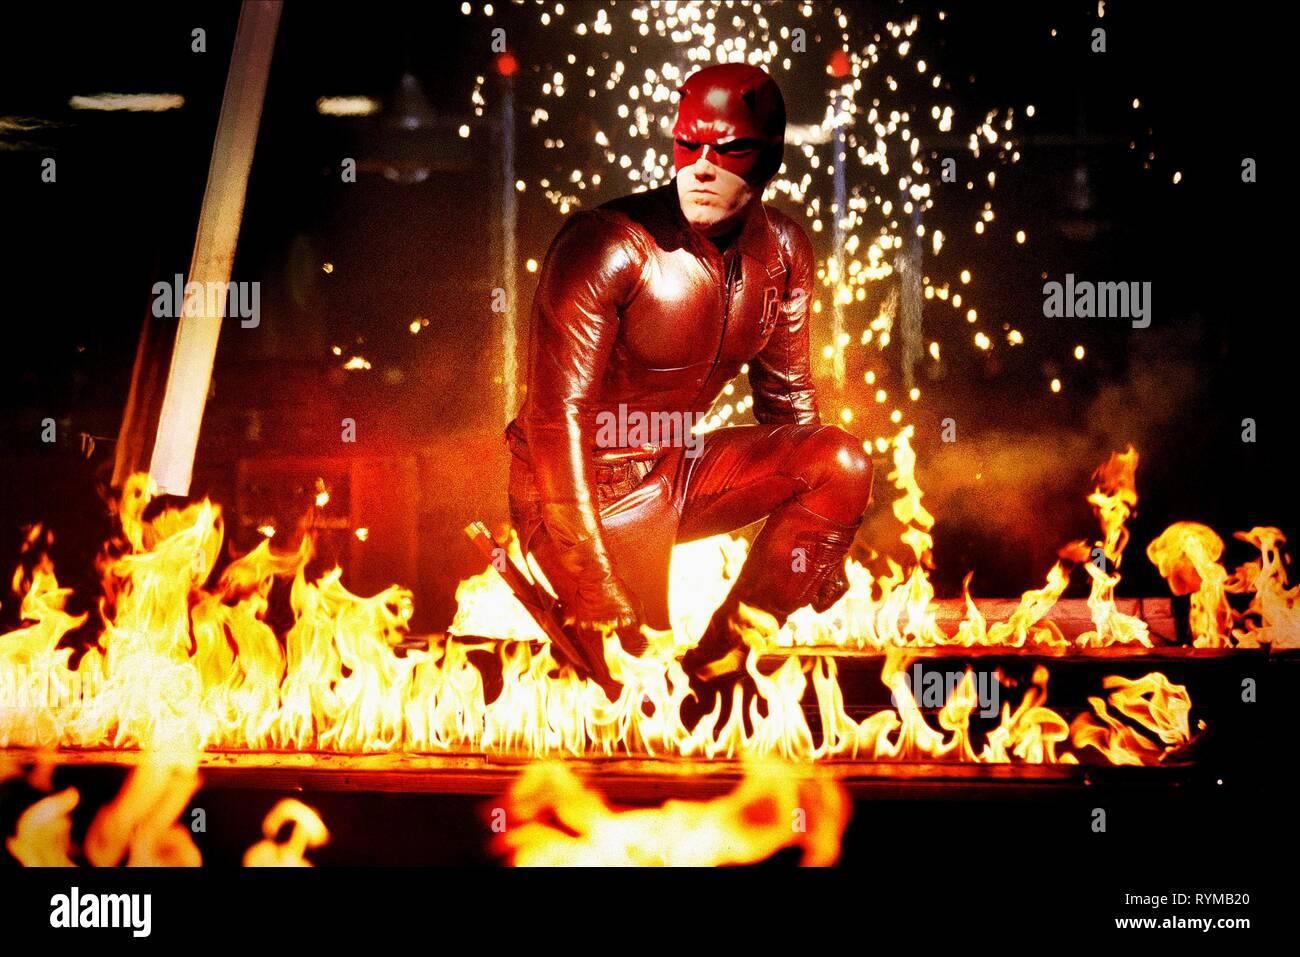 BEN AFFLECK, Daredevil, 2003 Photo Stock